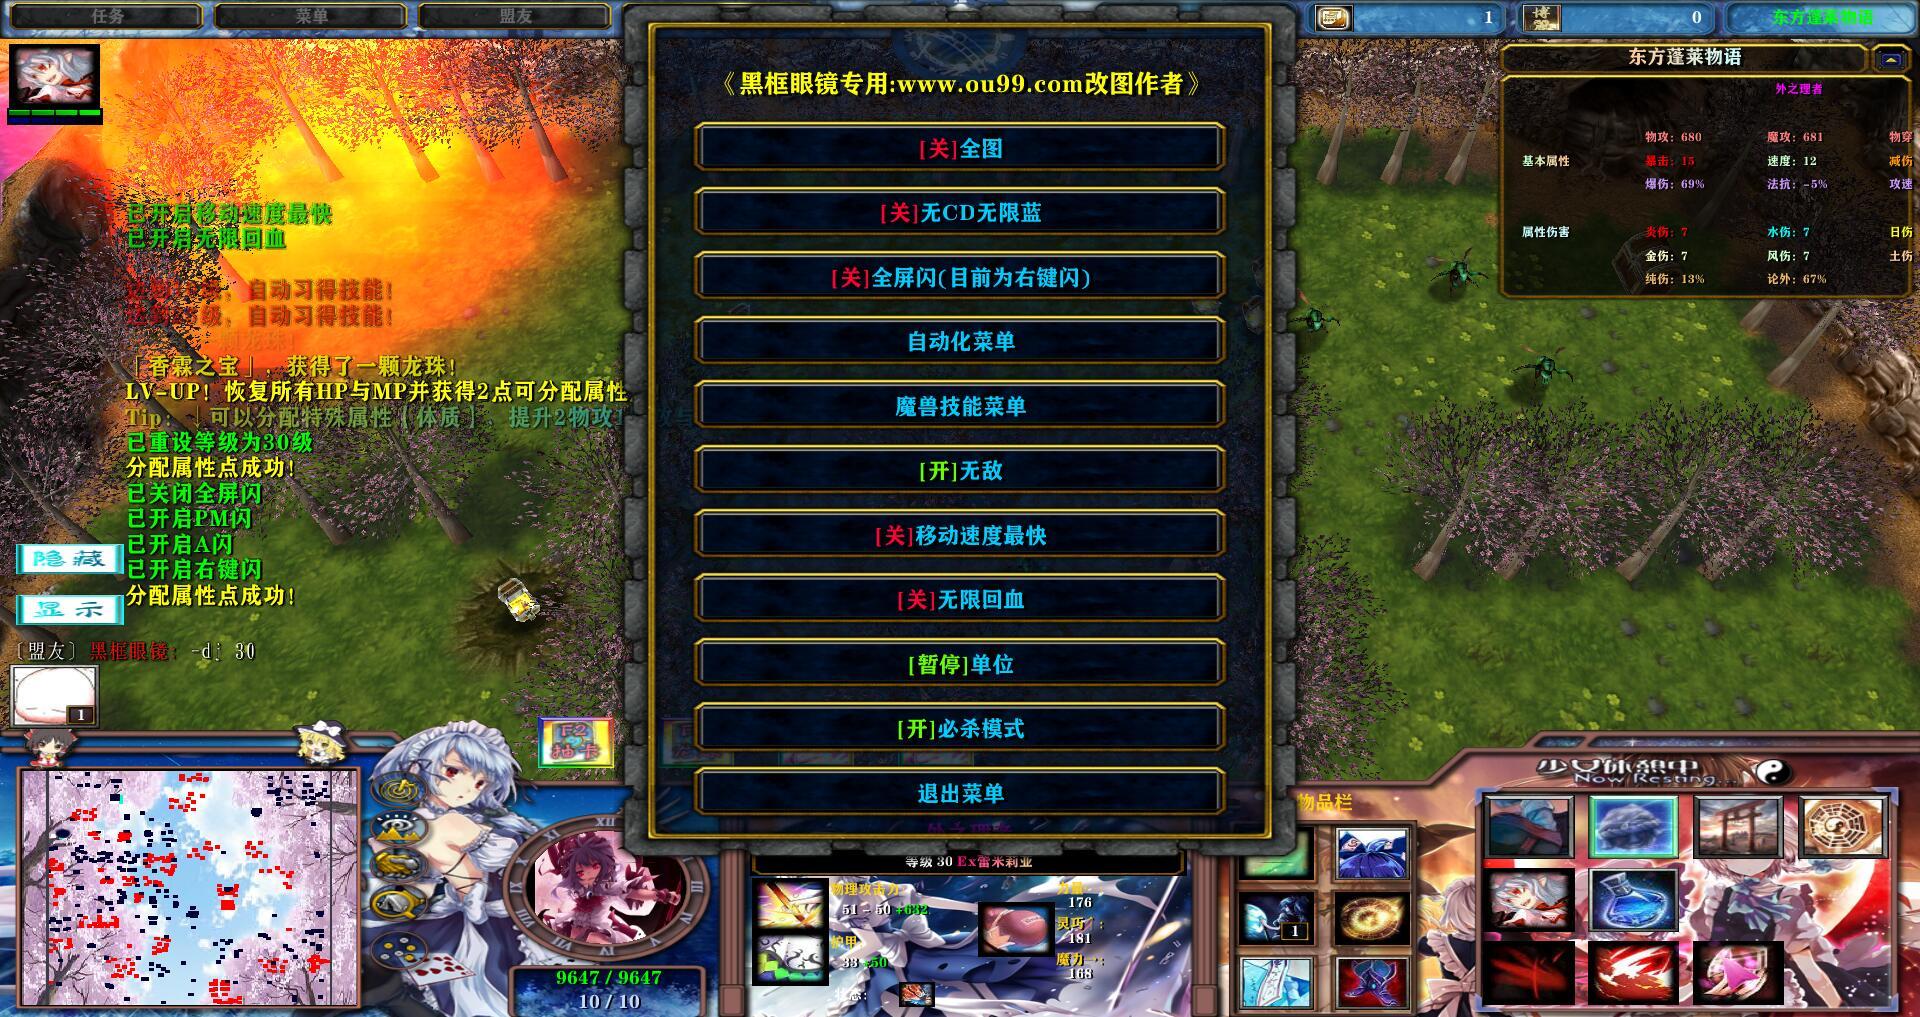 蓬莱之旅4.4.1破解